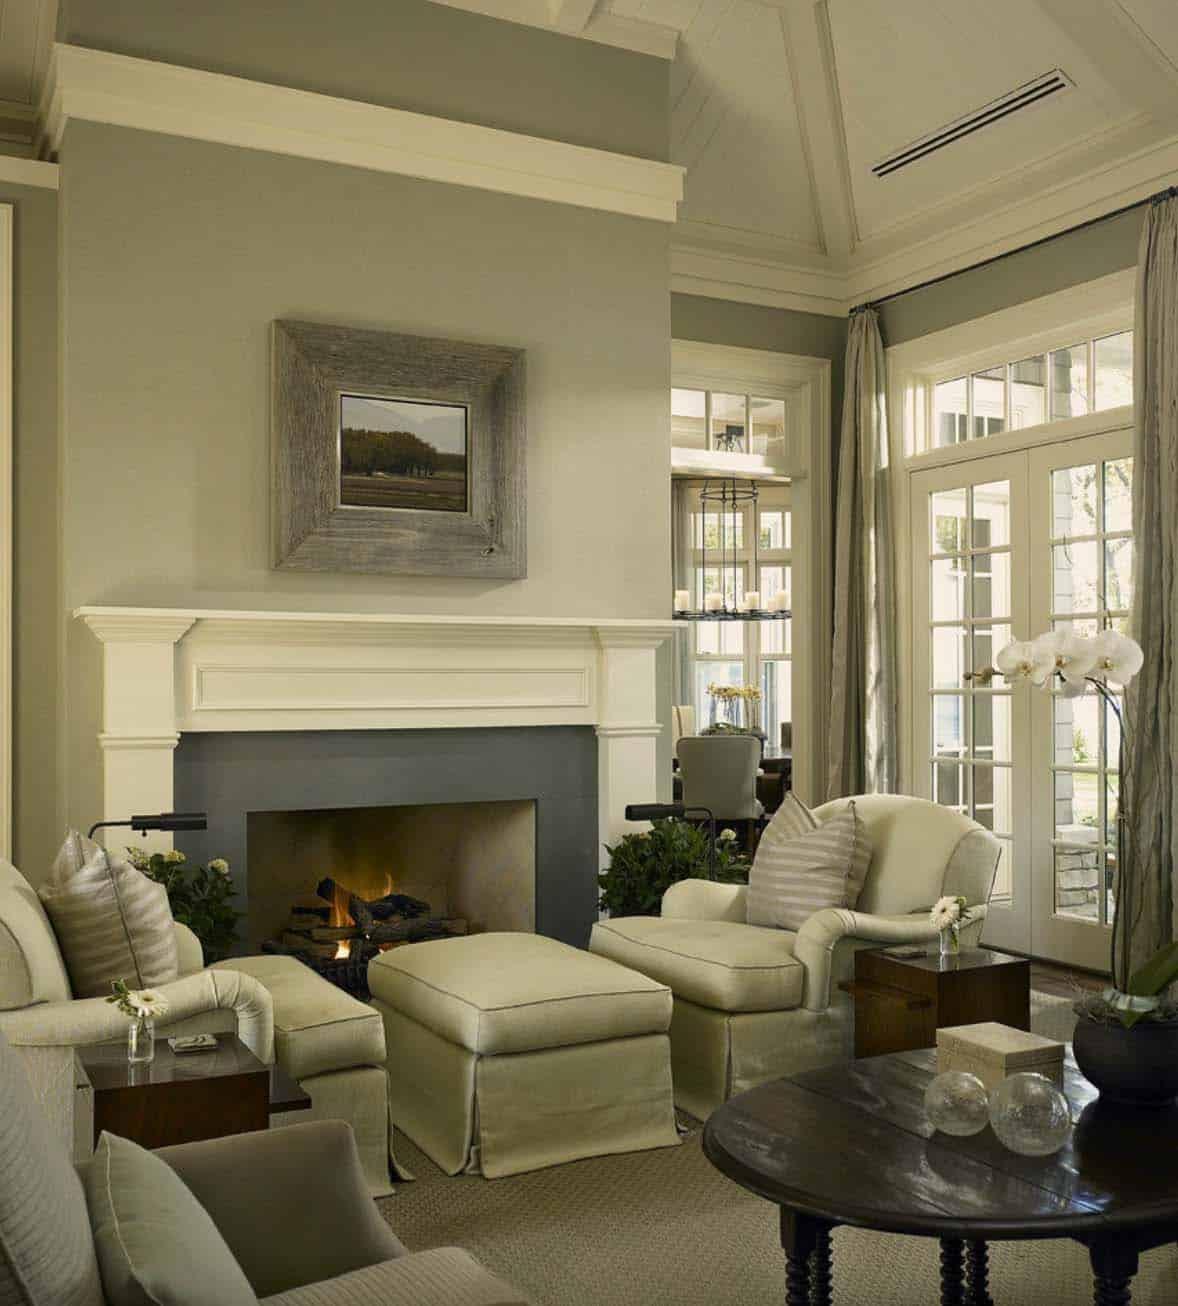 Lakefront Luxury Home-Myefski Architects-07-1 Kindesign